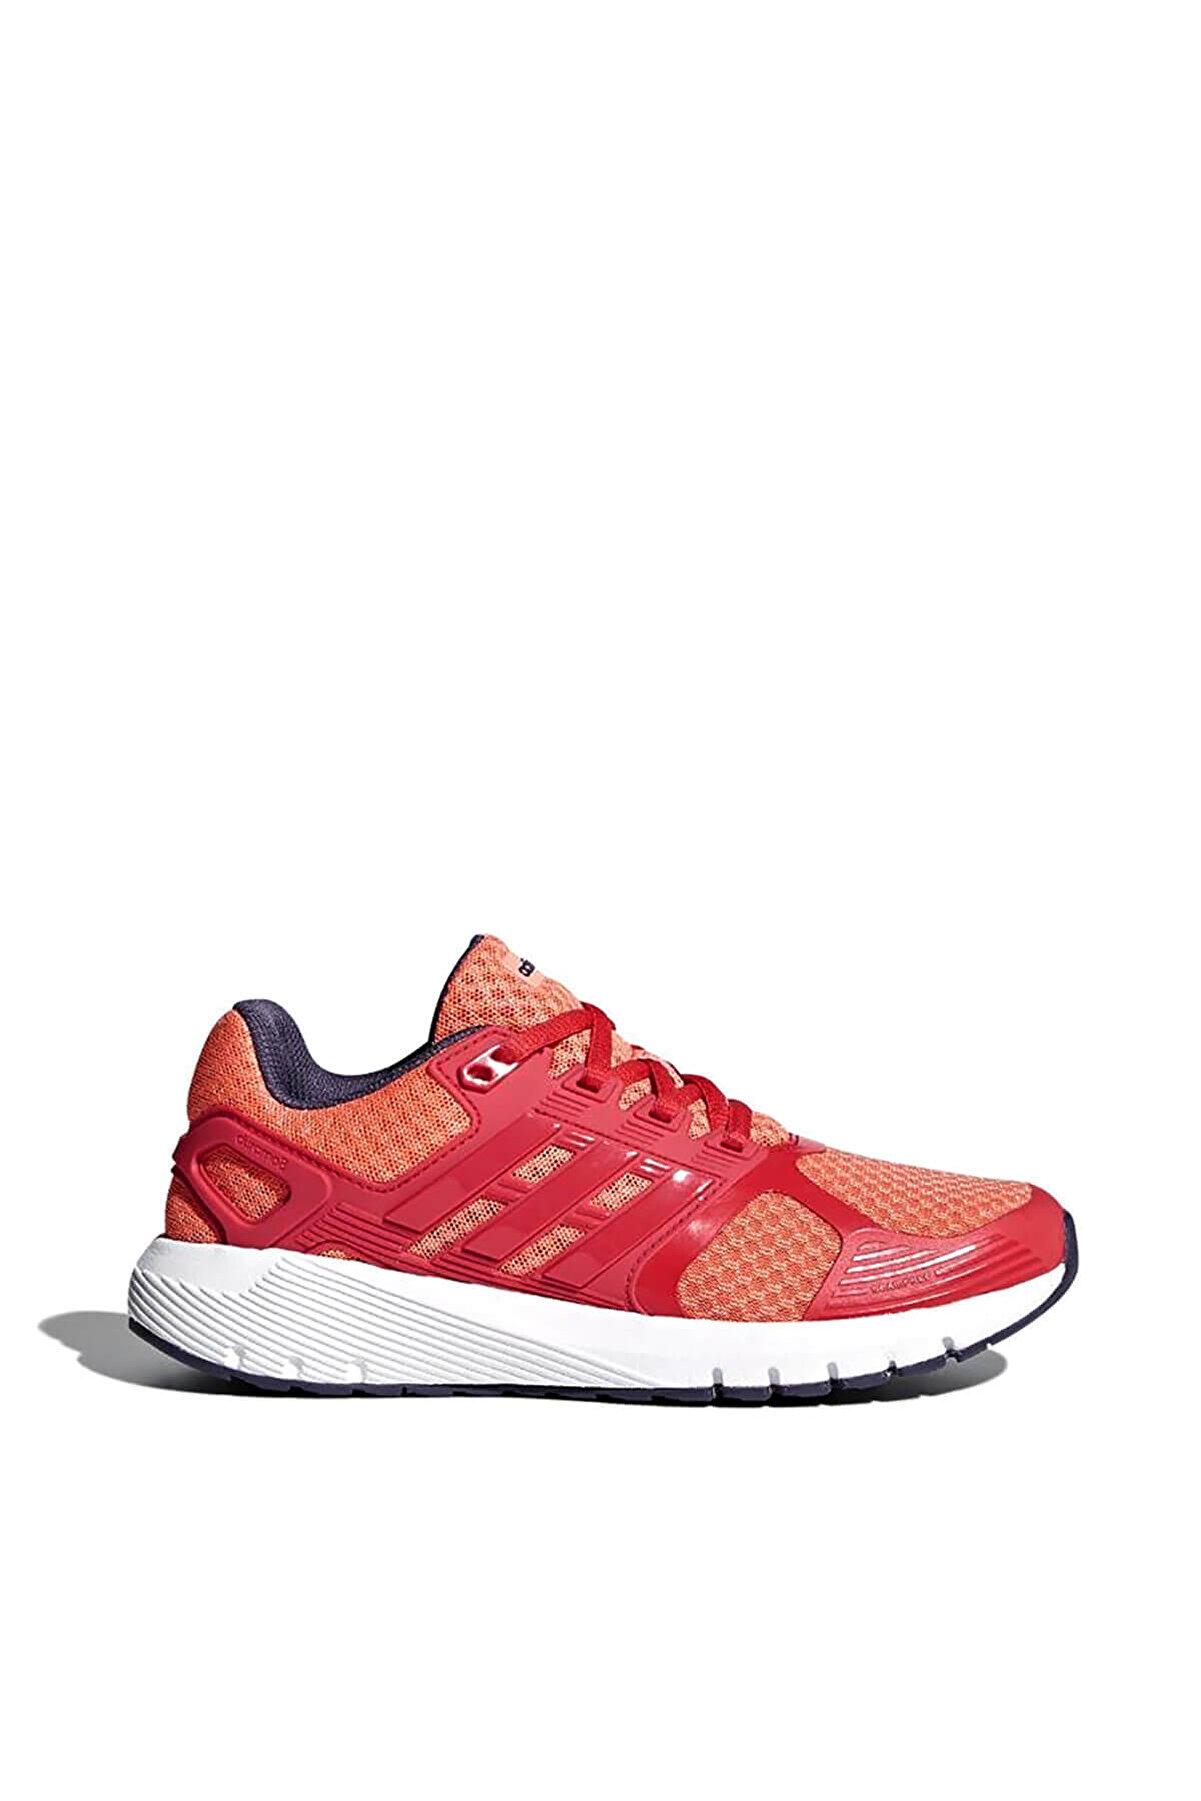 adidas Çocuk Koşu Yürüyüş Ayakkabısı Cq1808 Duramo 8 K